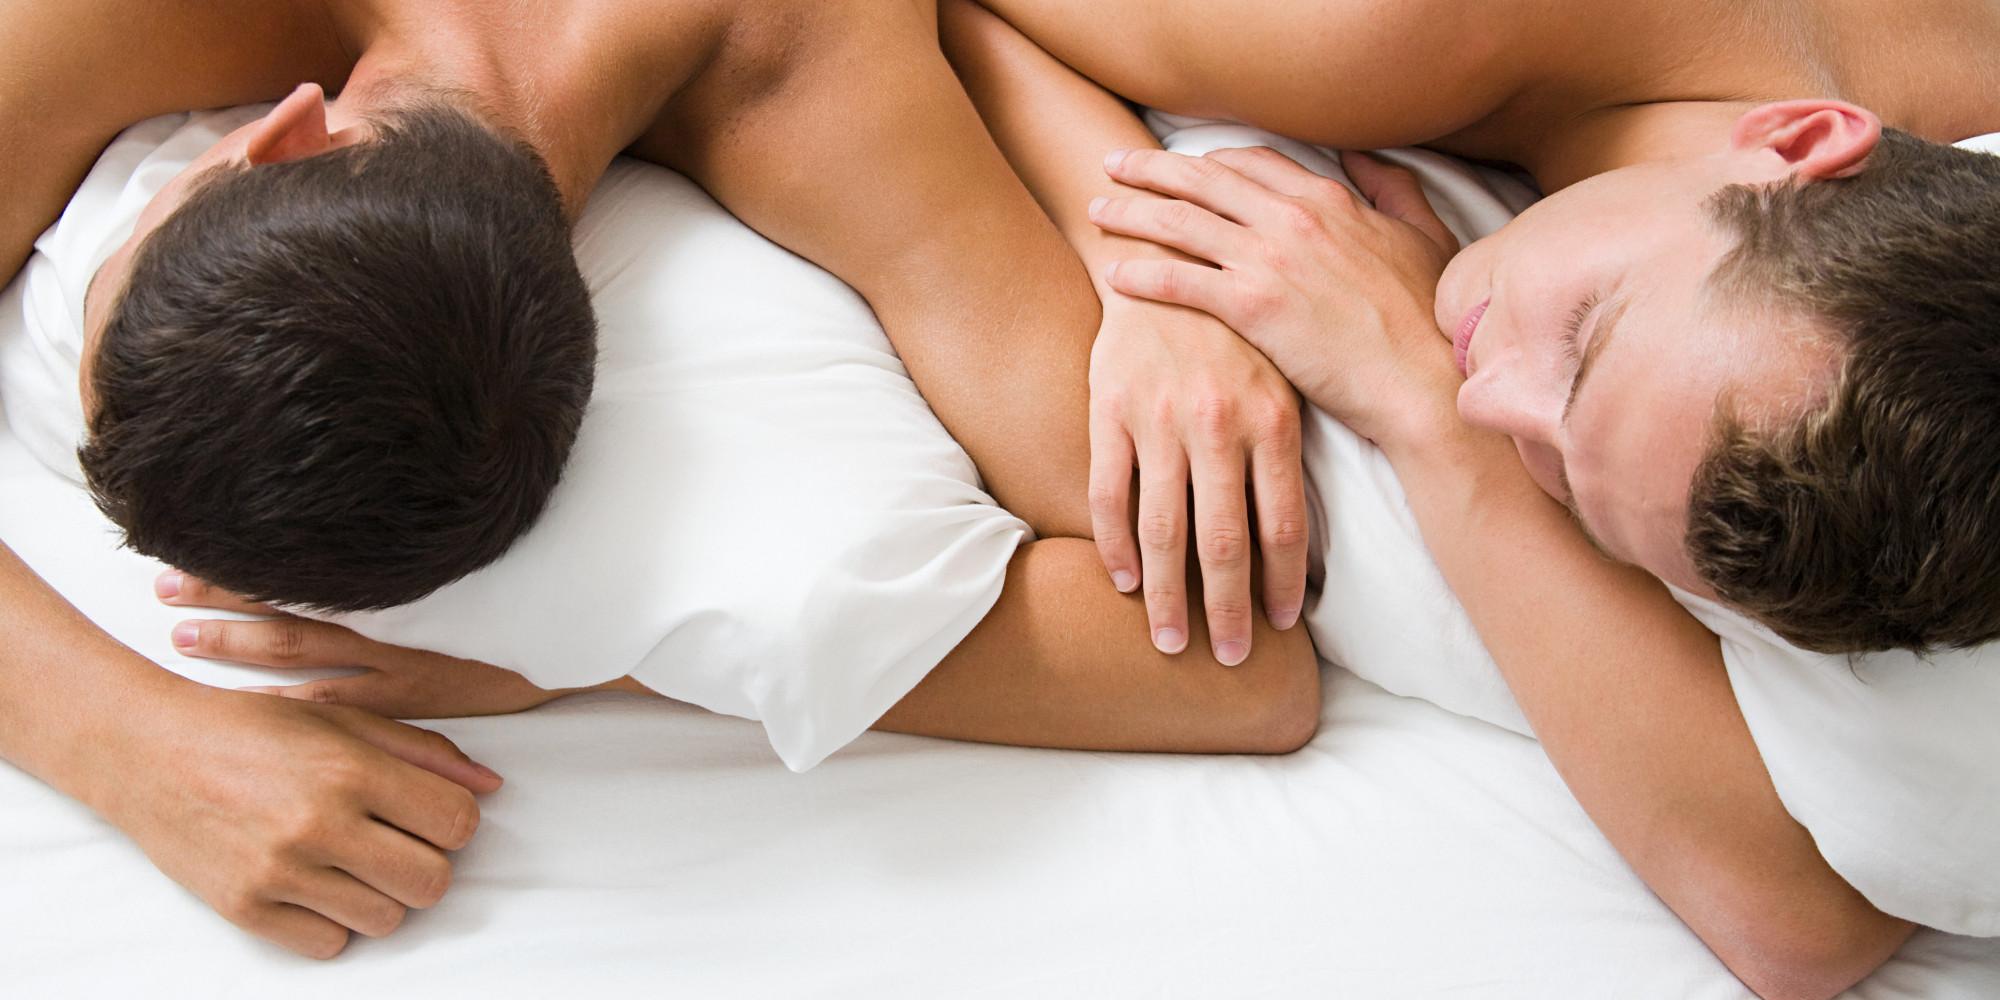 free sex moves pancake dating